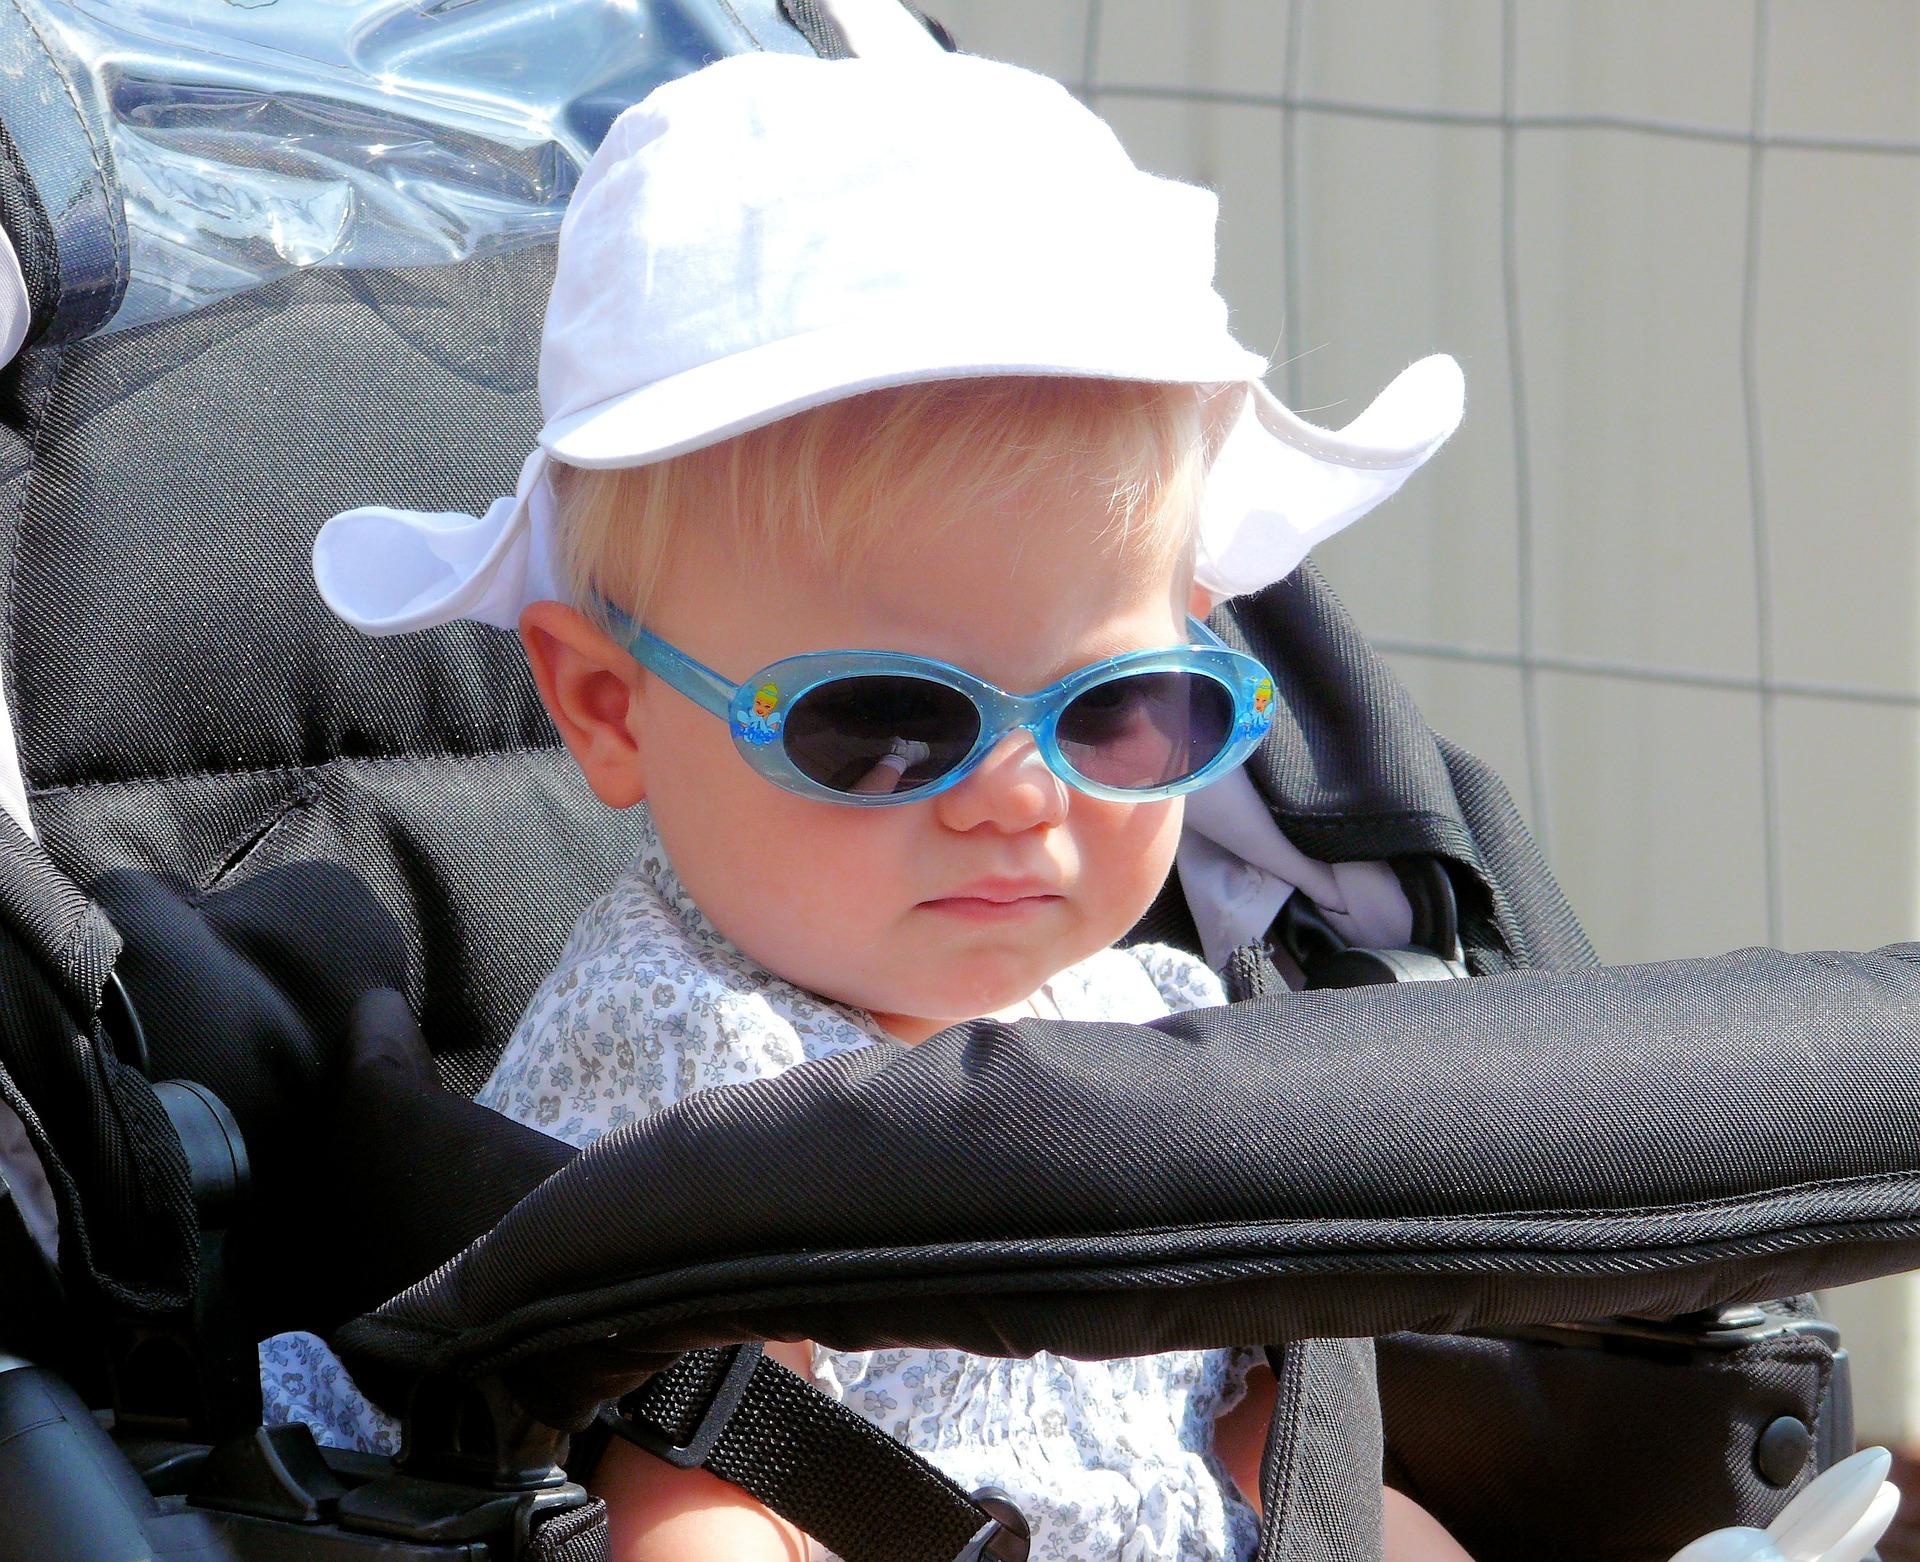 サングラスをしてベビーカーに乗る赤ちゃん